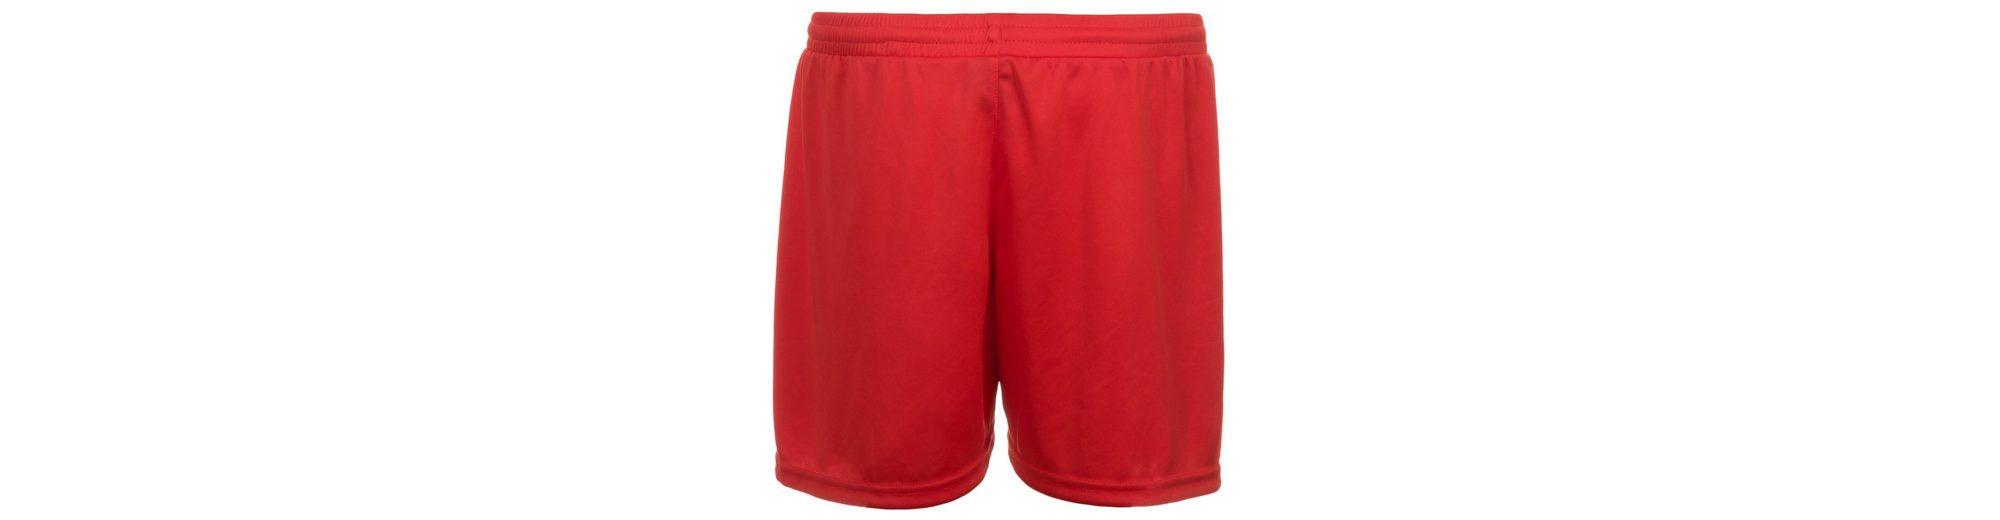 UHLSPORT Match Team Kit Shortsleeve Damen Online Speichern Verkaufen Kaufen NPB9w